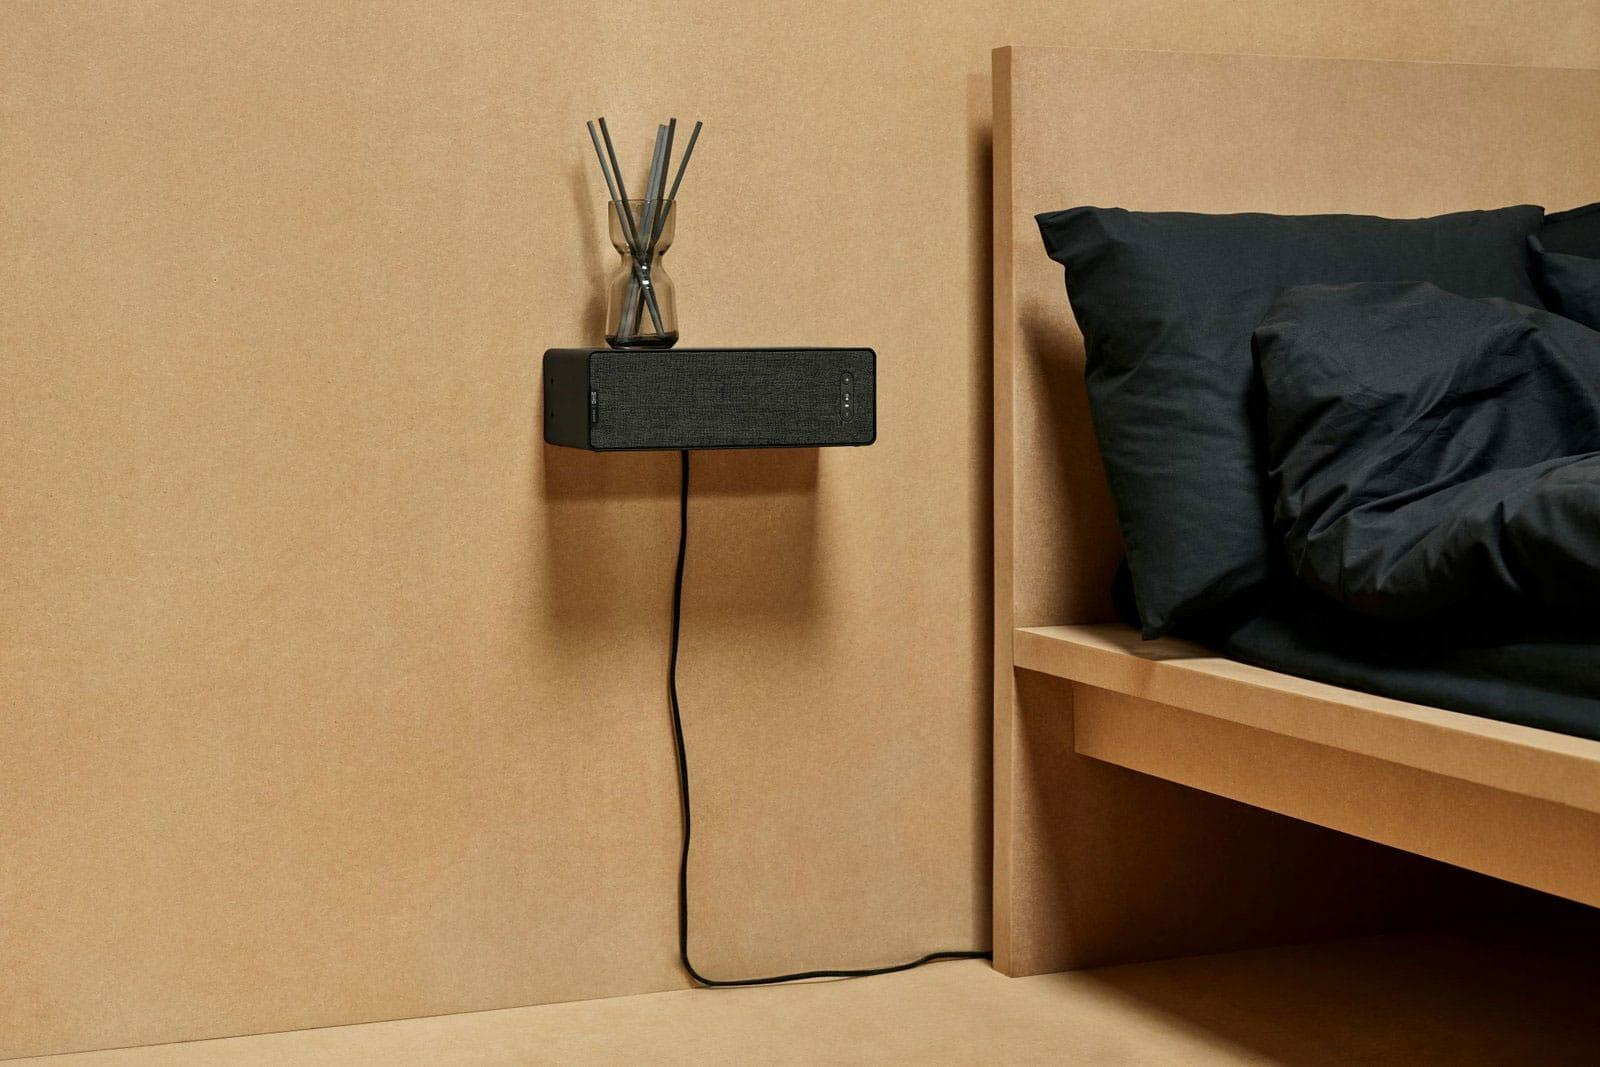 Der IKEA x Sonos Lautsprecher soll sich an an die Wand montieren lassen. Die Kabelführung ist aber verstörend auffällig und nicht gerade schön